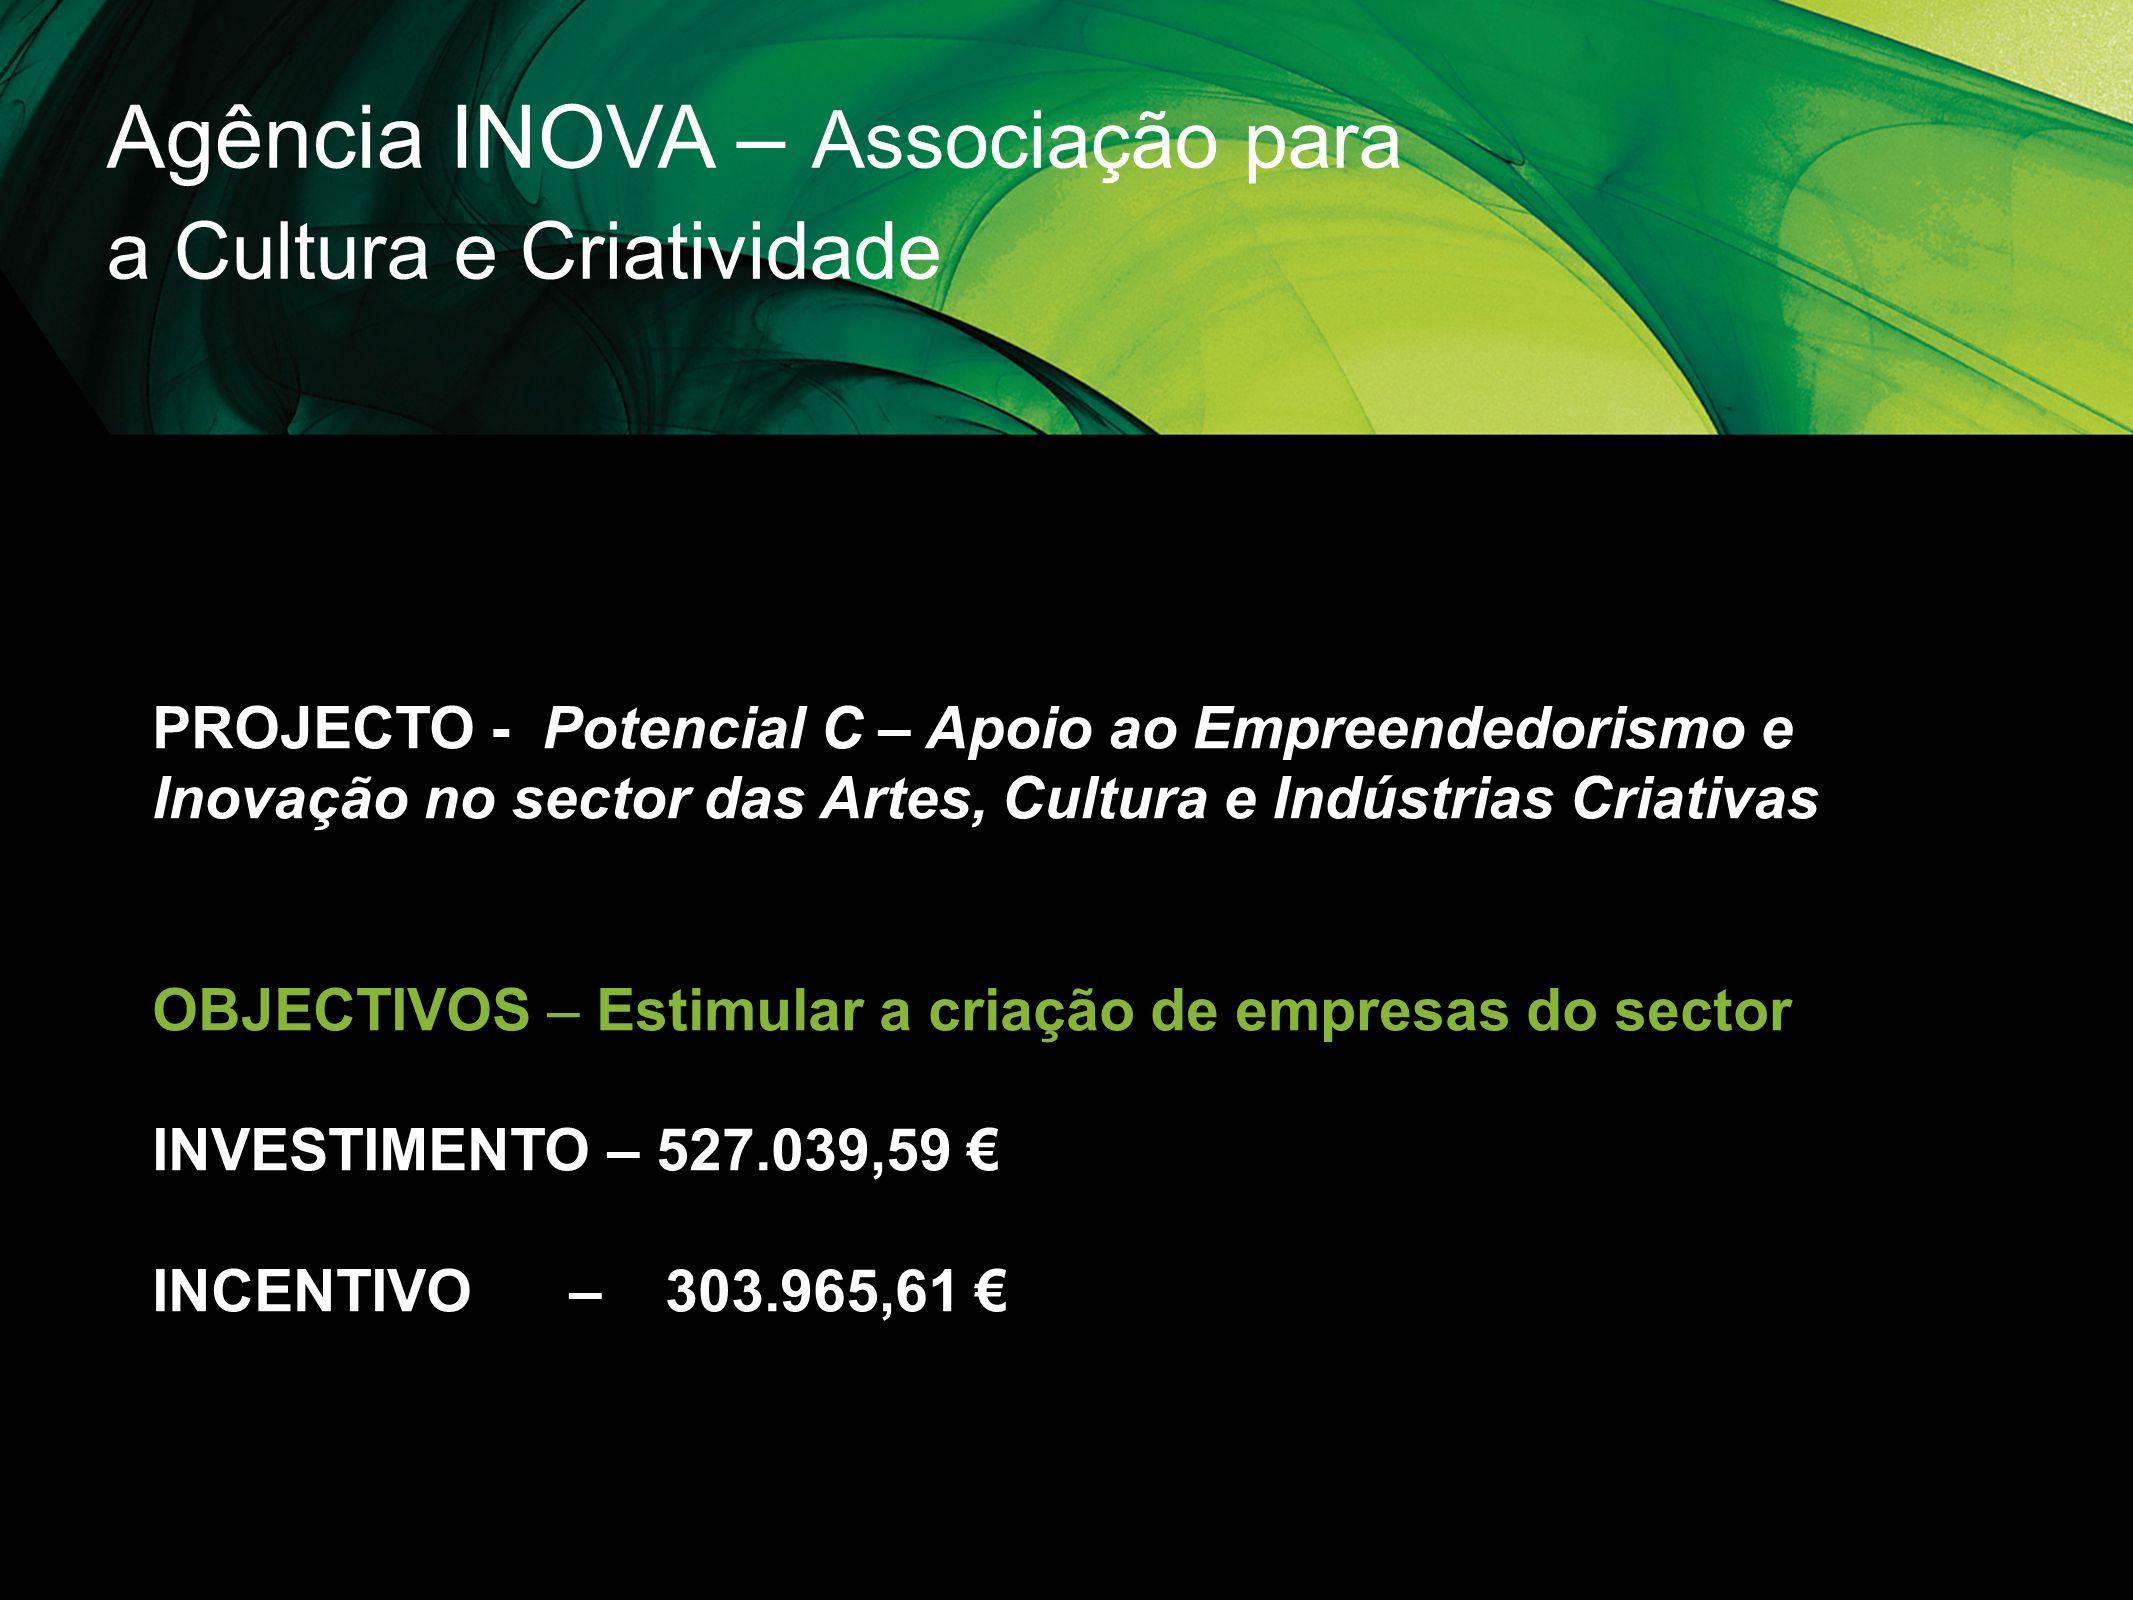 Agência INOVA – Associação para a Cultura e Criatividade